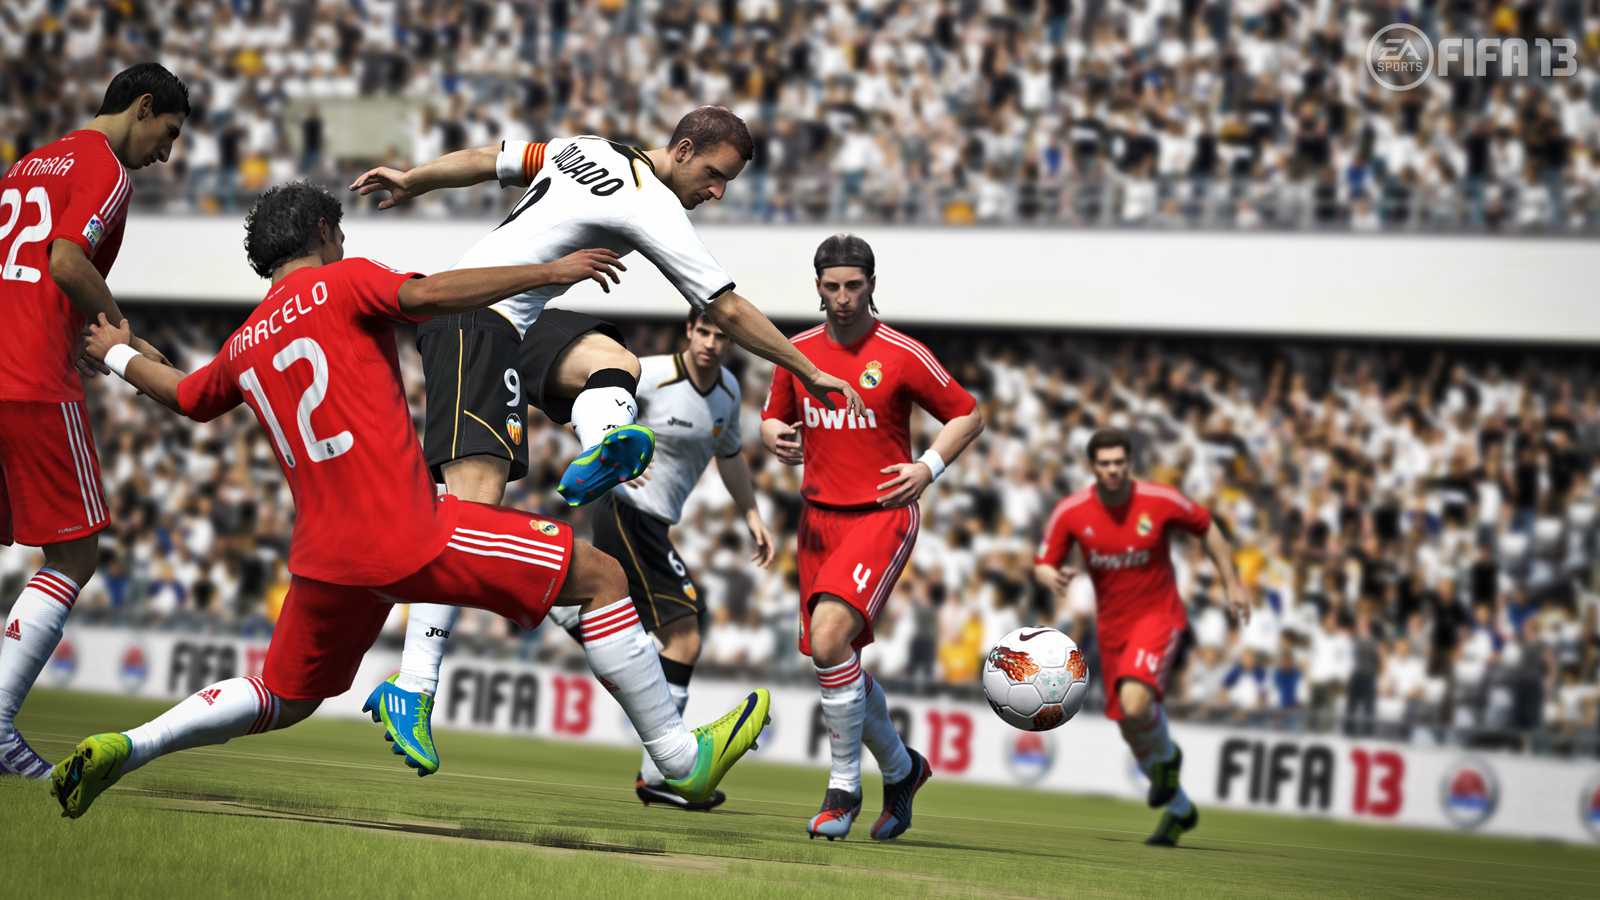 Най-яките голове на FIFA 13 през седмицата – част 4 (ВИДЕО)